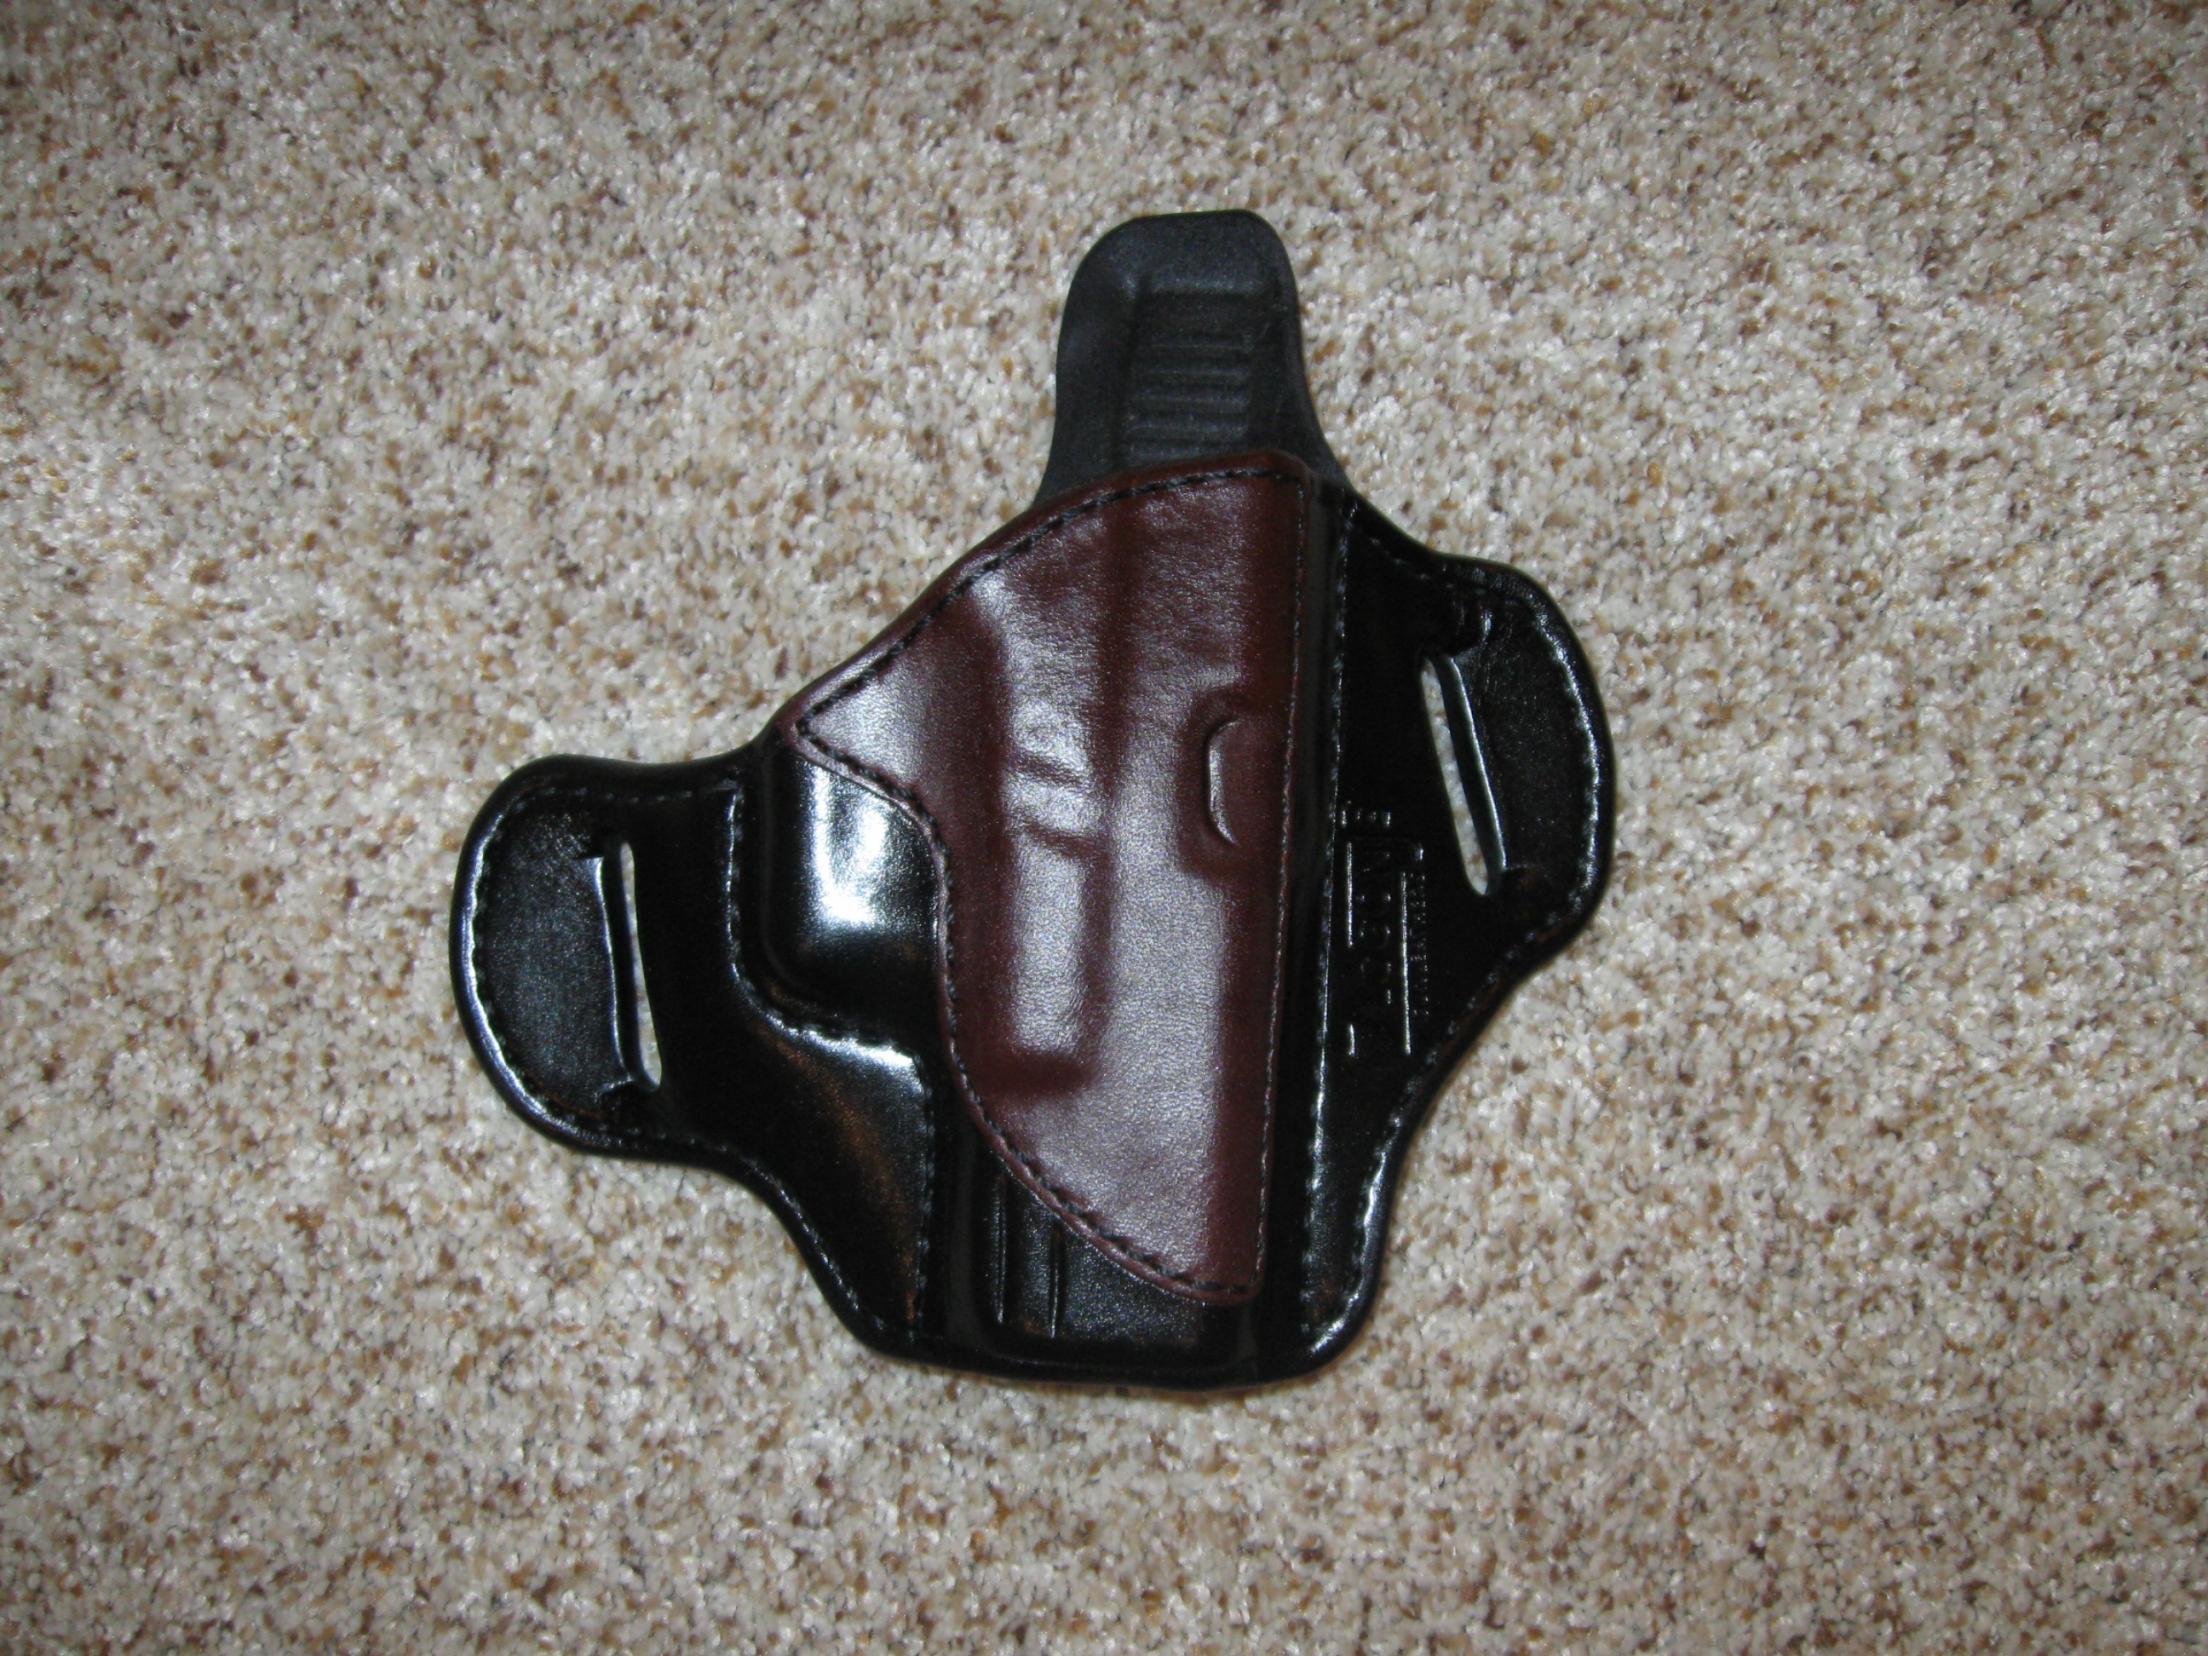 New holster for my G19-img_0635.jpg